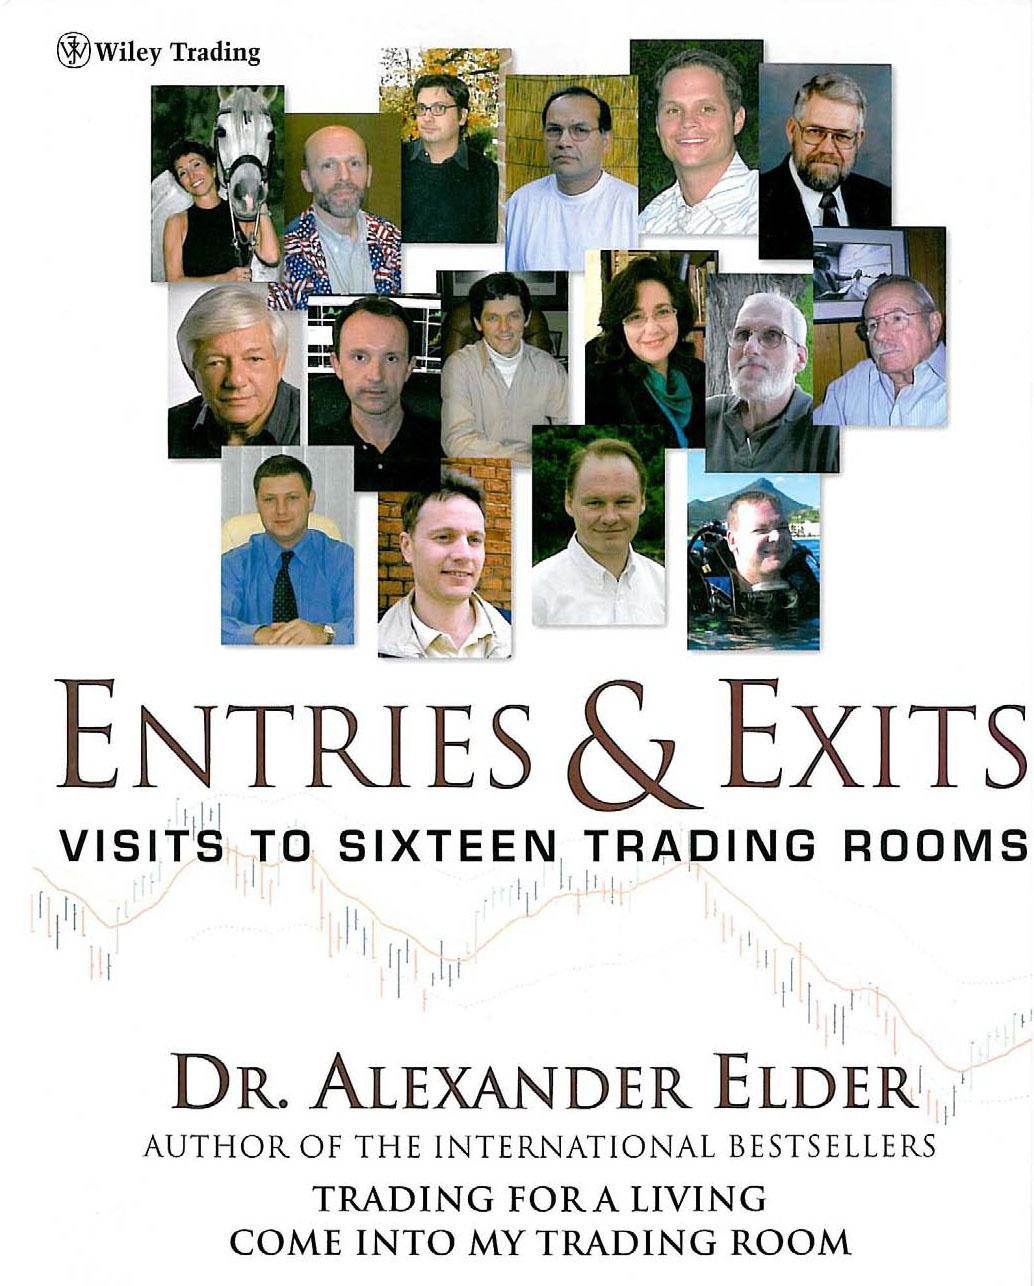 Alexander elder forex